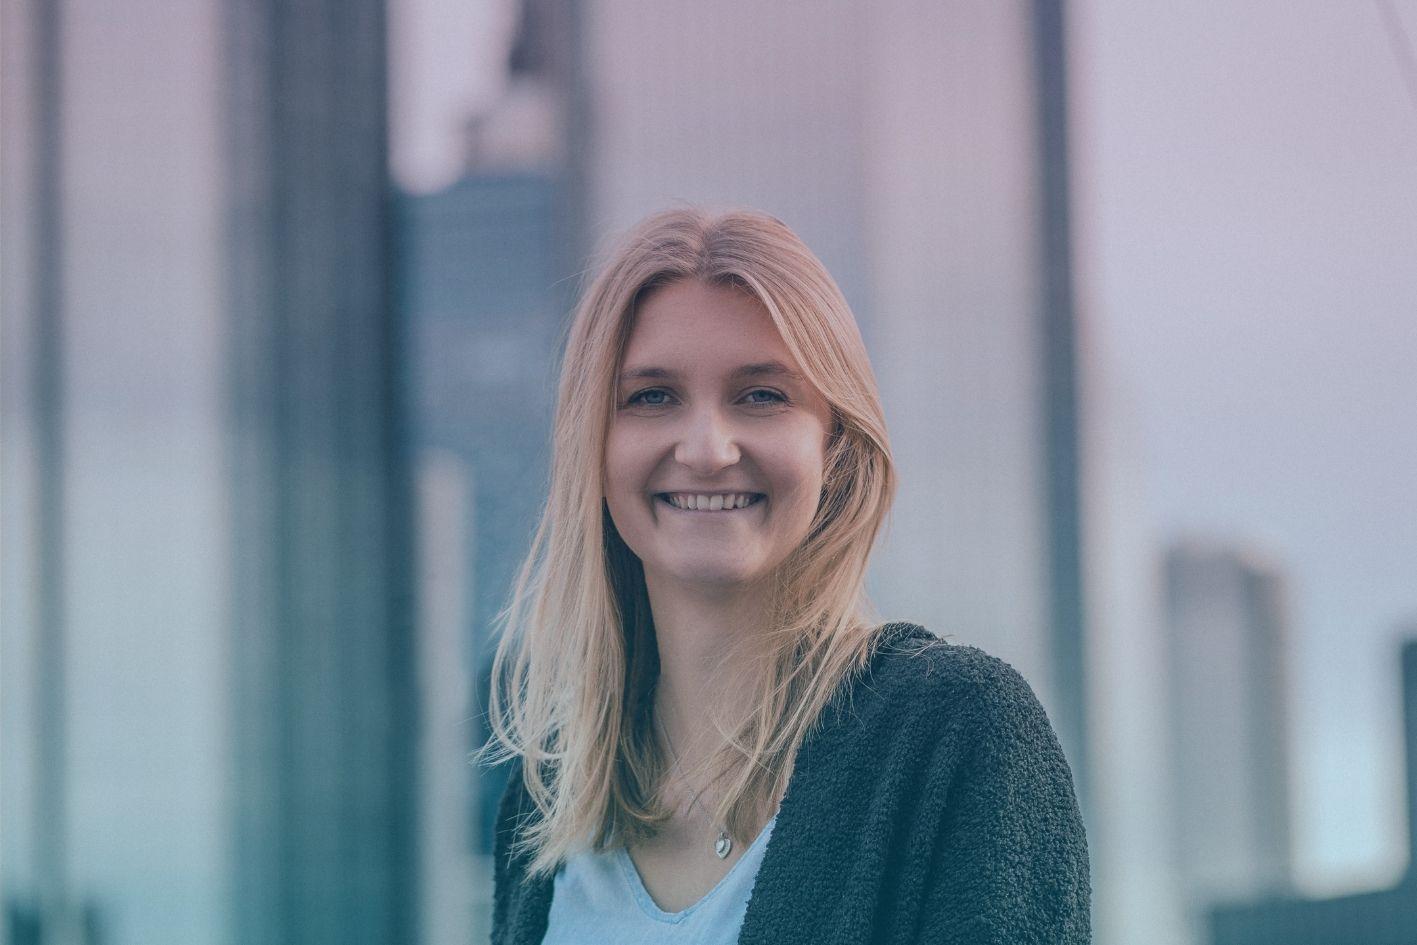 Foto unserer neuen Kollegin Fabienne Bohn